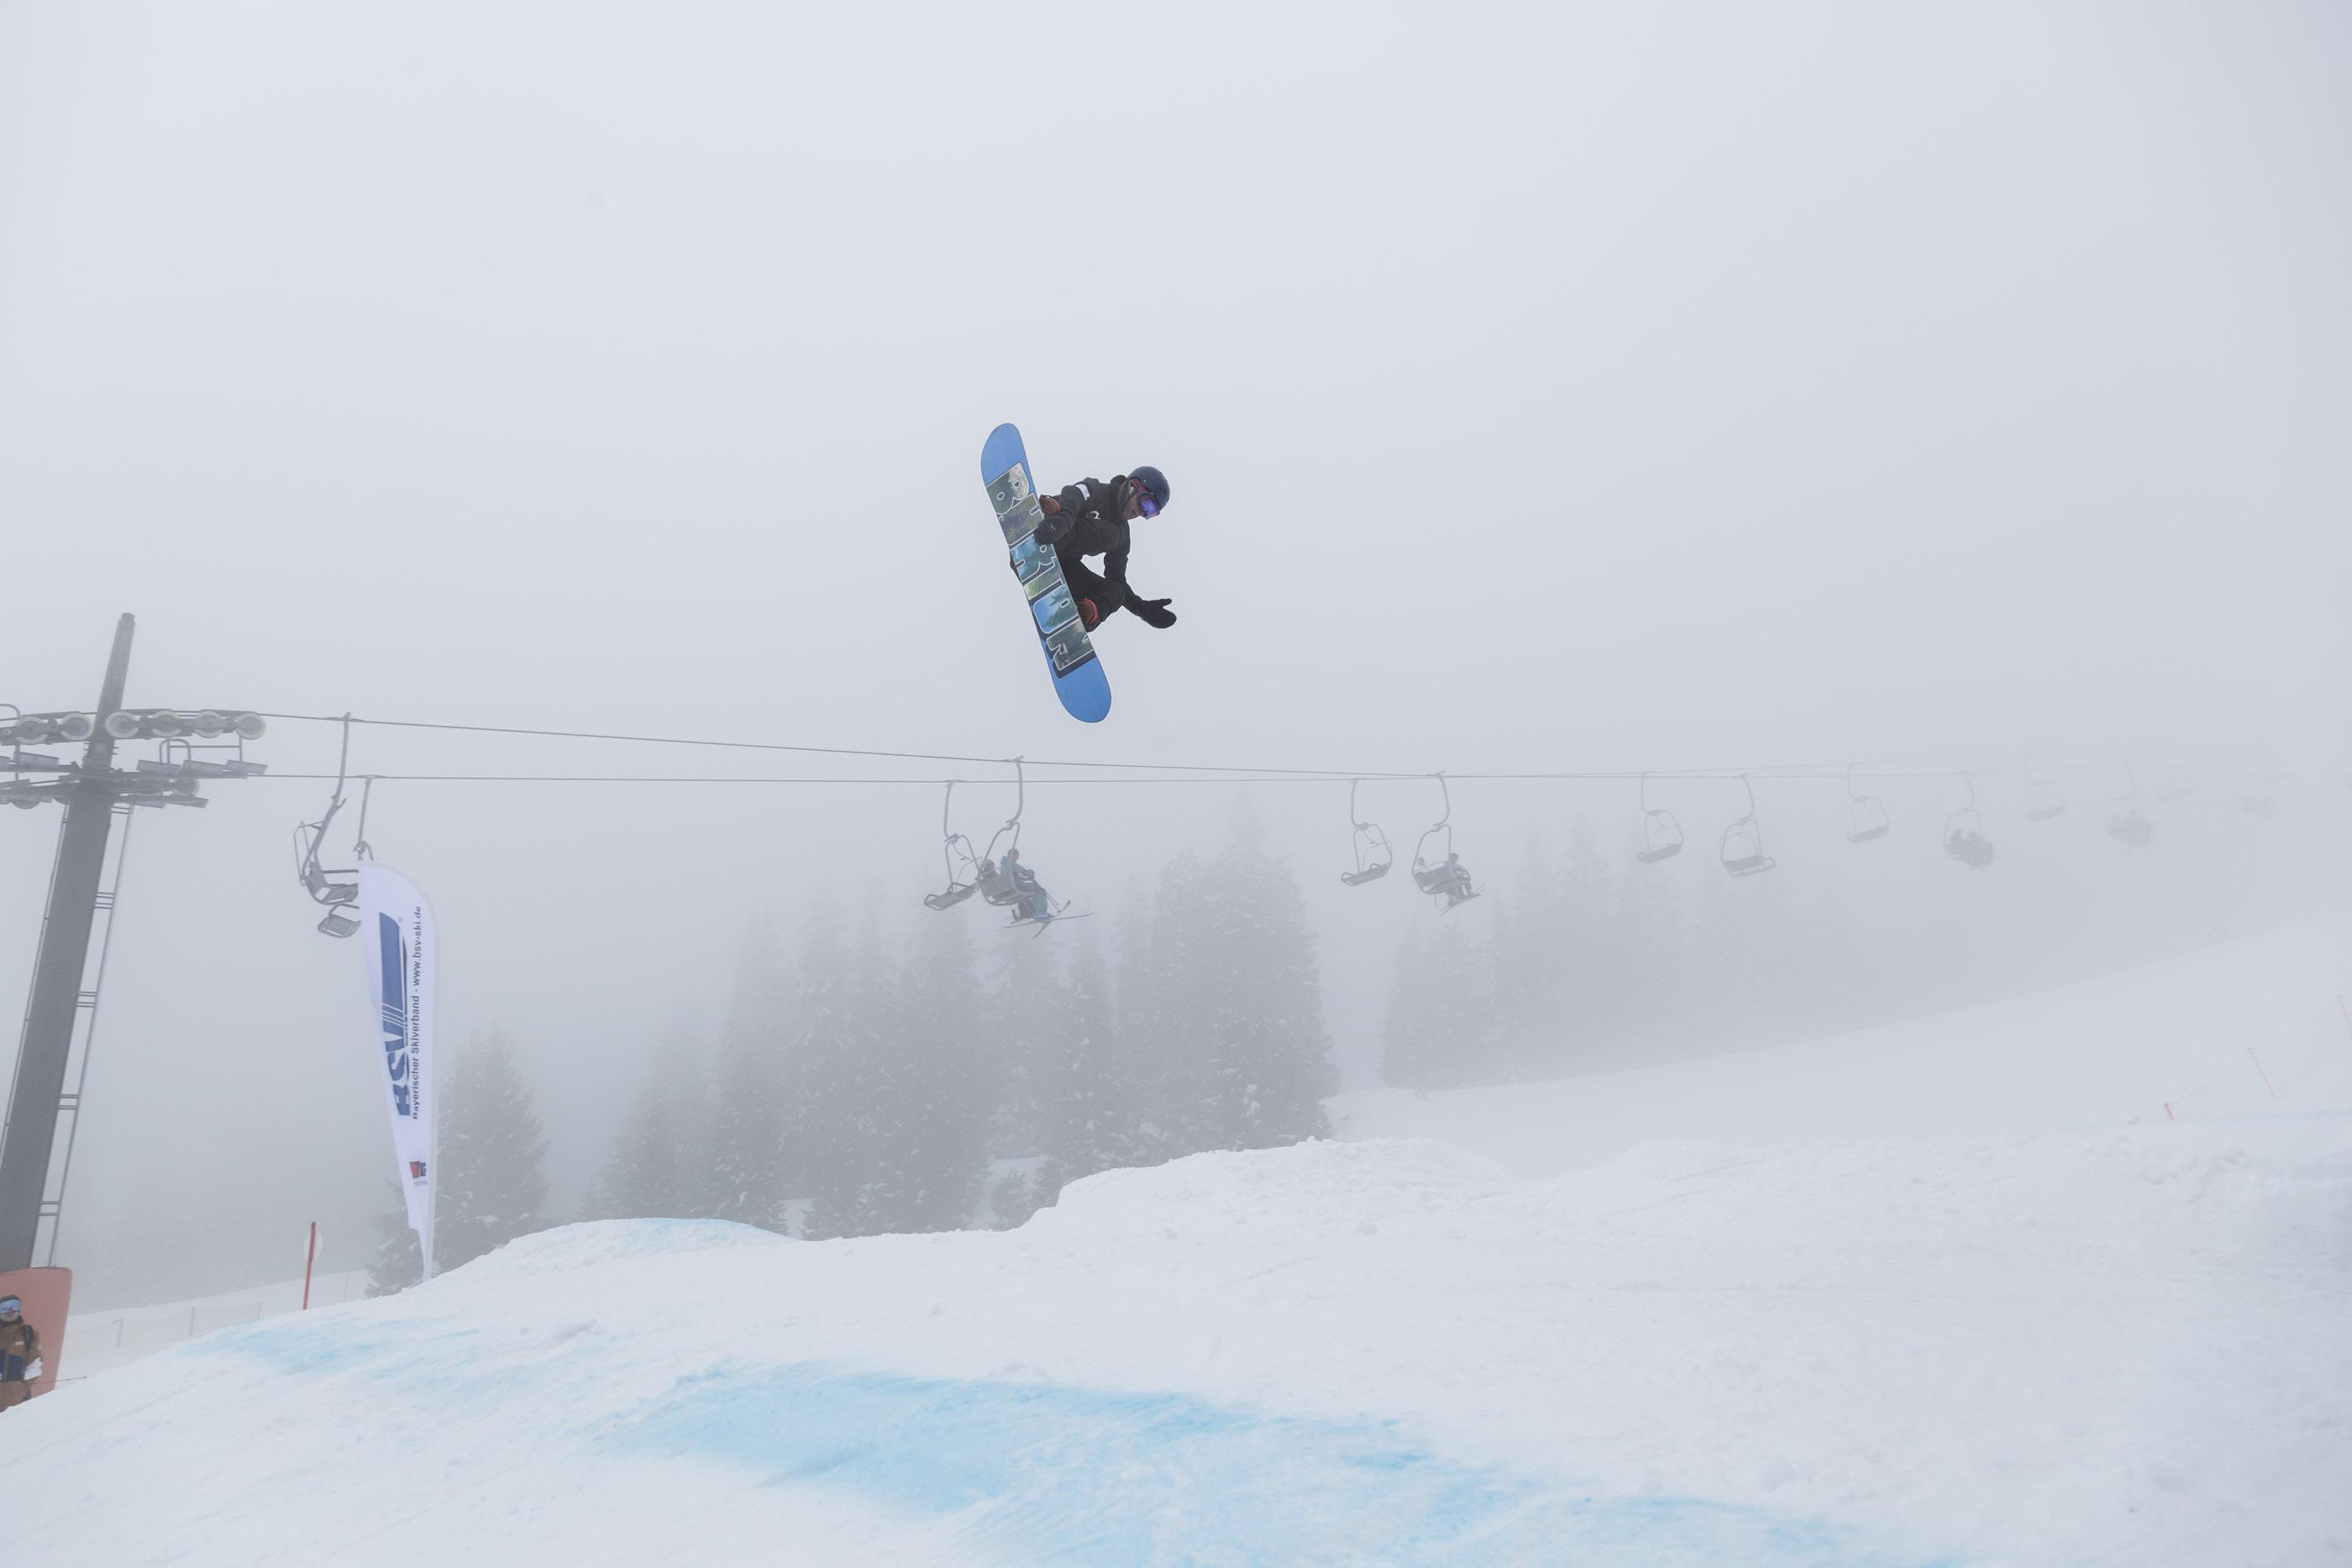 Prime-Snowboarding-Magazine-Bayerische-Meisterschaft-24